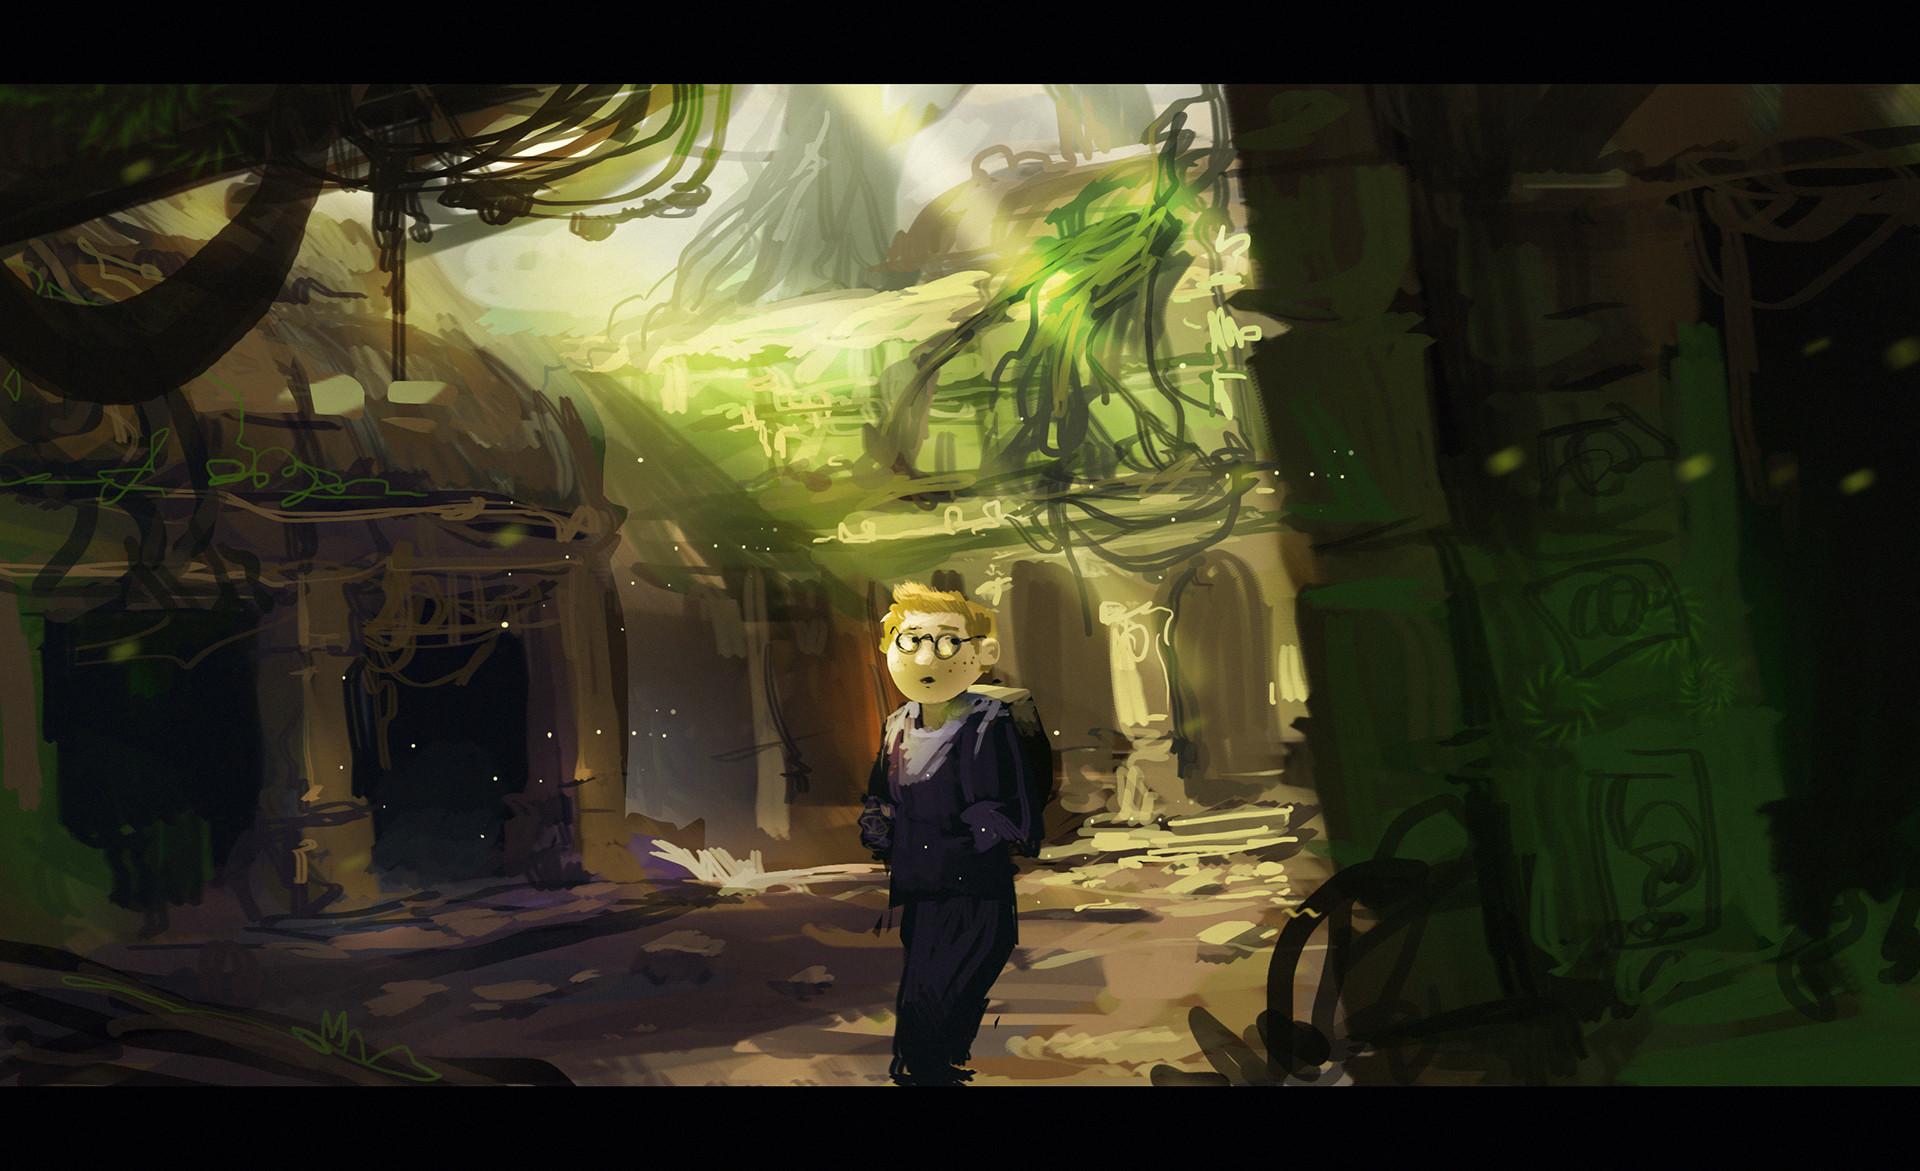 Lucas prince temple concept